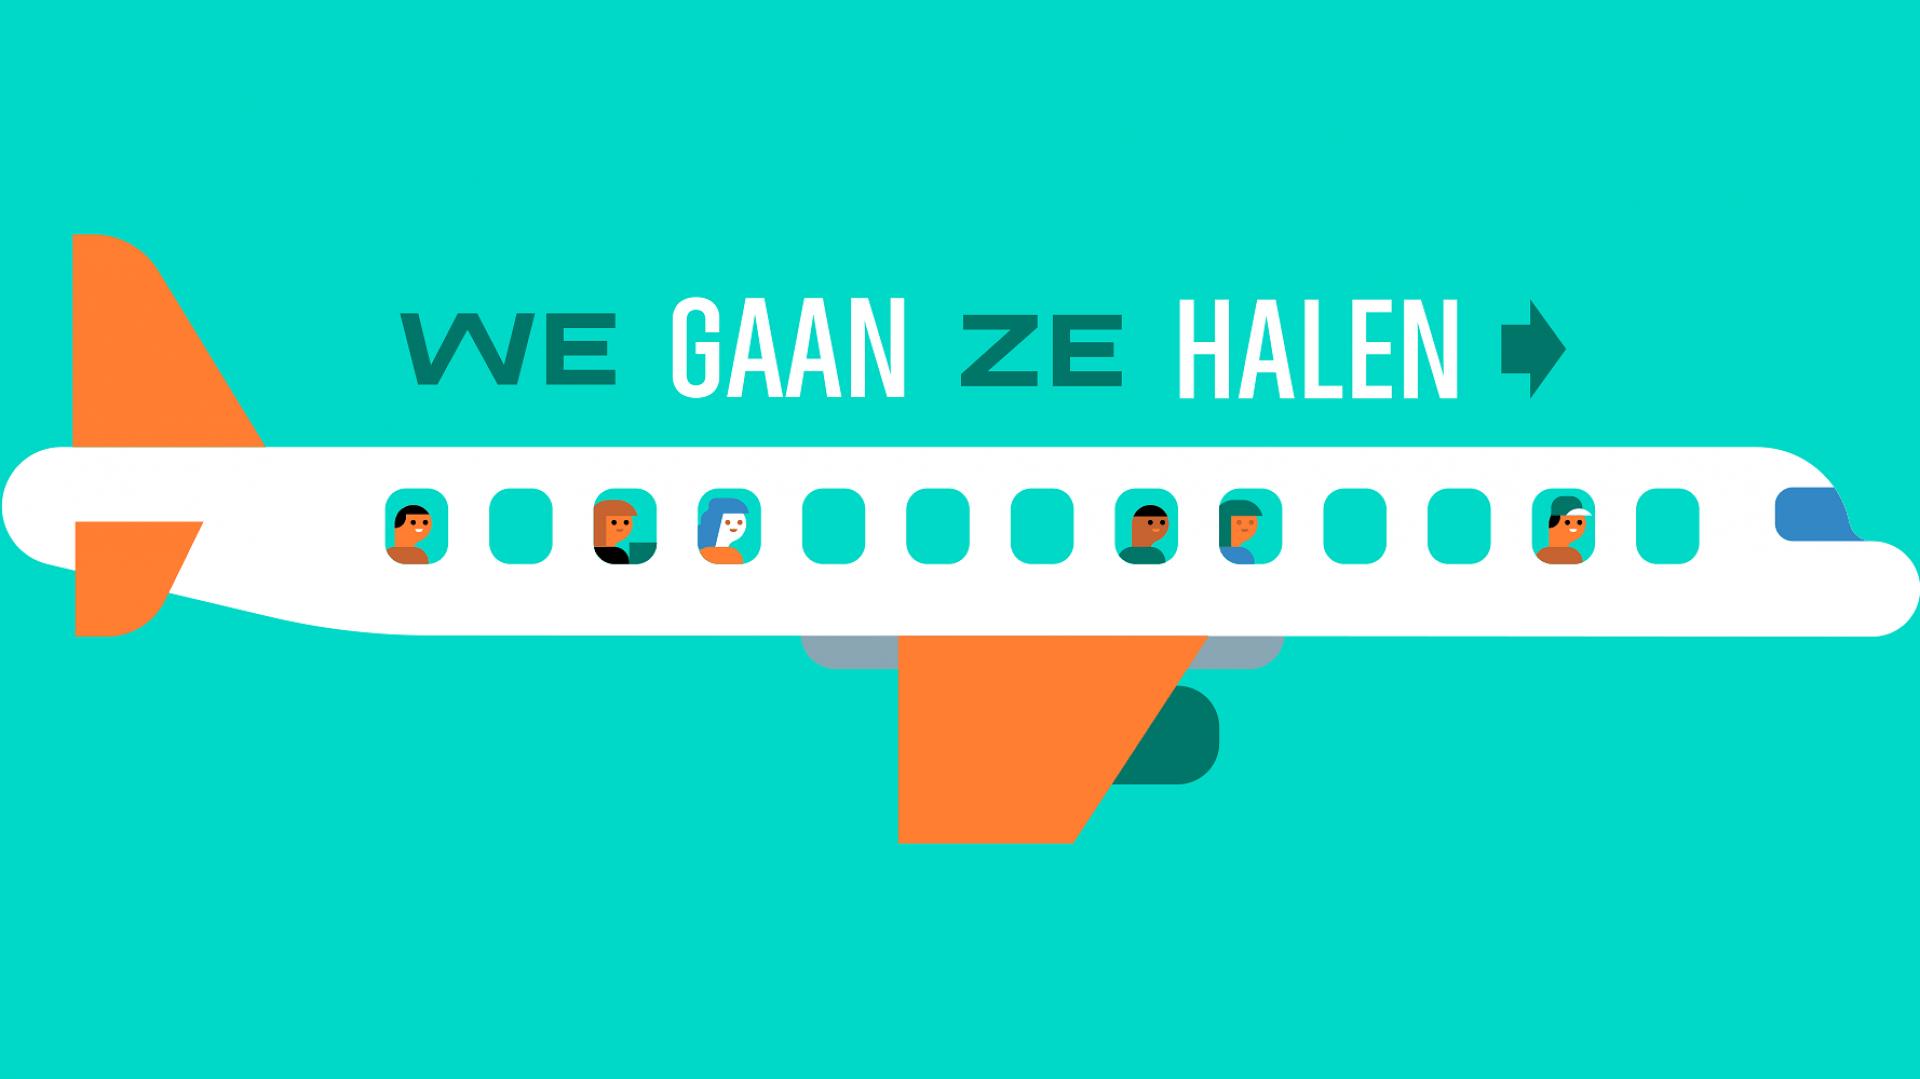 We Gaan Ze Halen